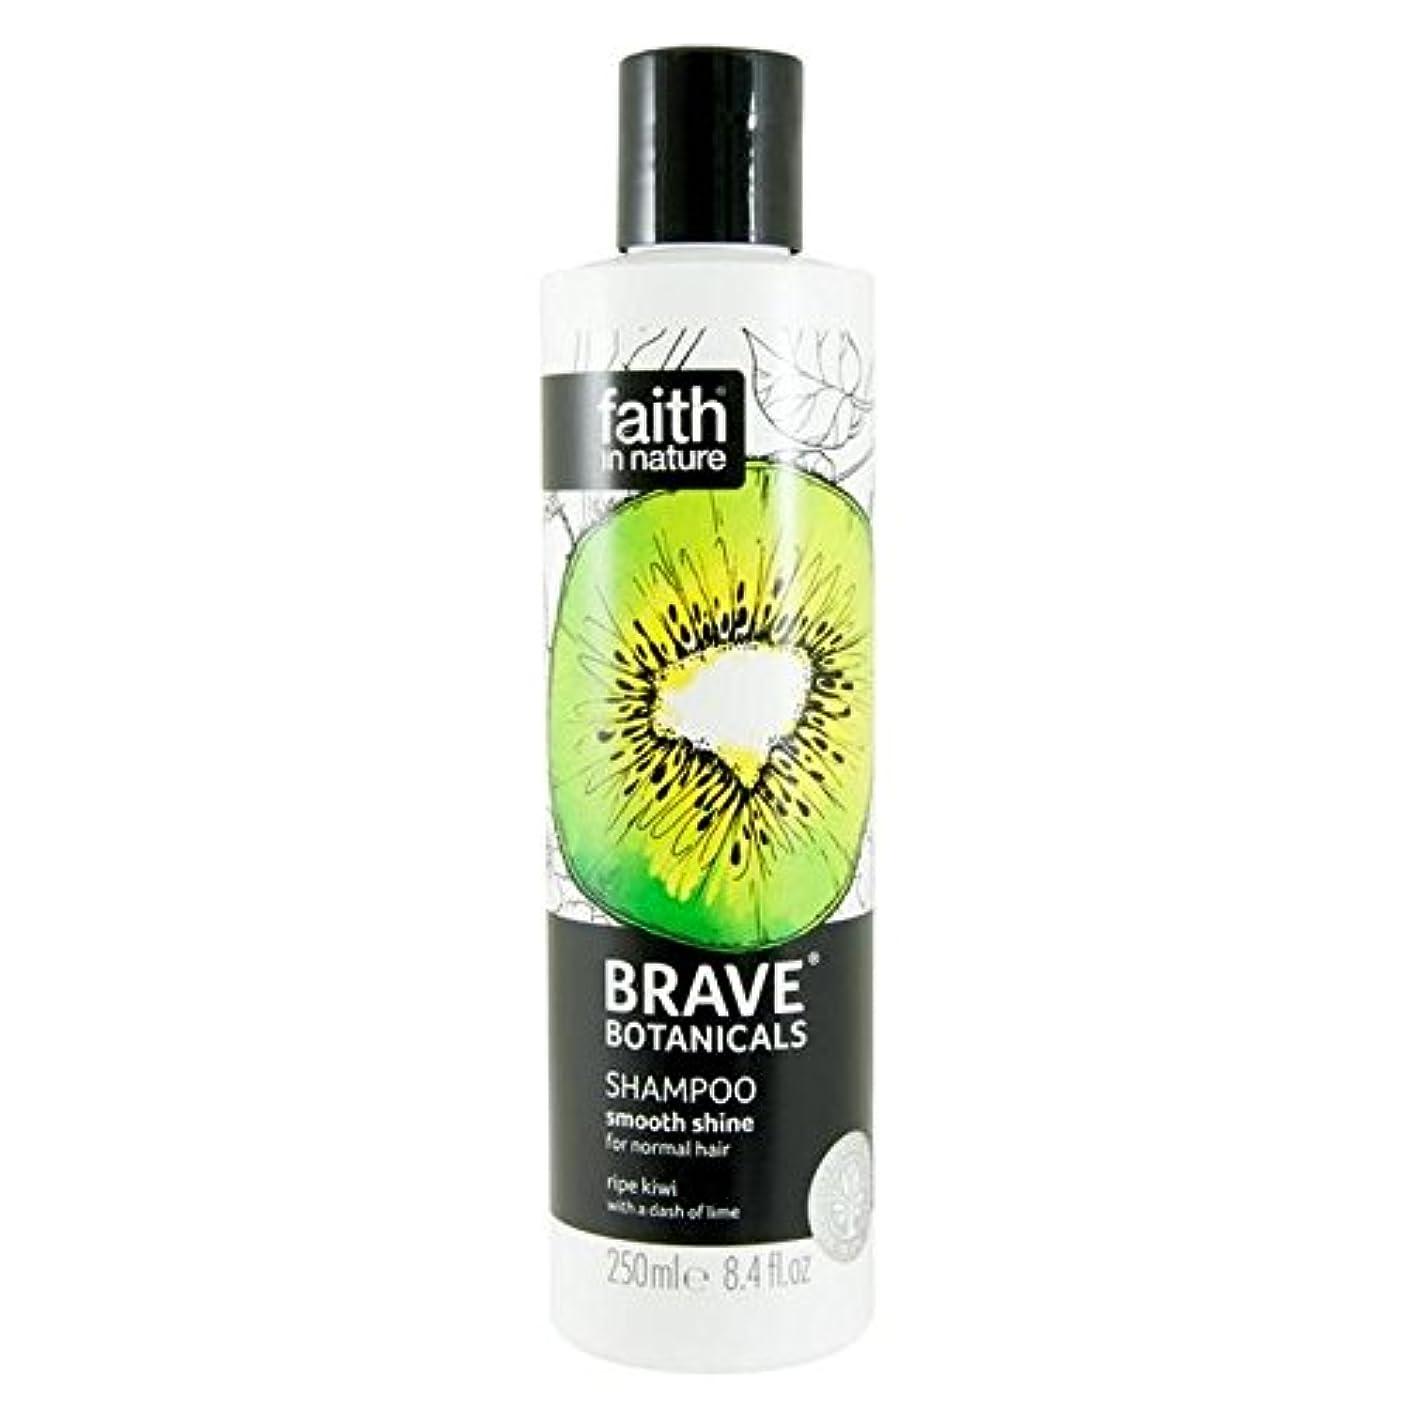 飽和する無実セールスマンBrave Botanicals Kiwi & Lime Smooth Shine Shampoo 250ml (Pack of 6) - (Faith In Nature) 勇敢な植物キウイ&ライムなめらかな輝きシャンプー250Ml (x6) [並行輸入品]